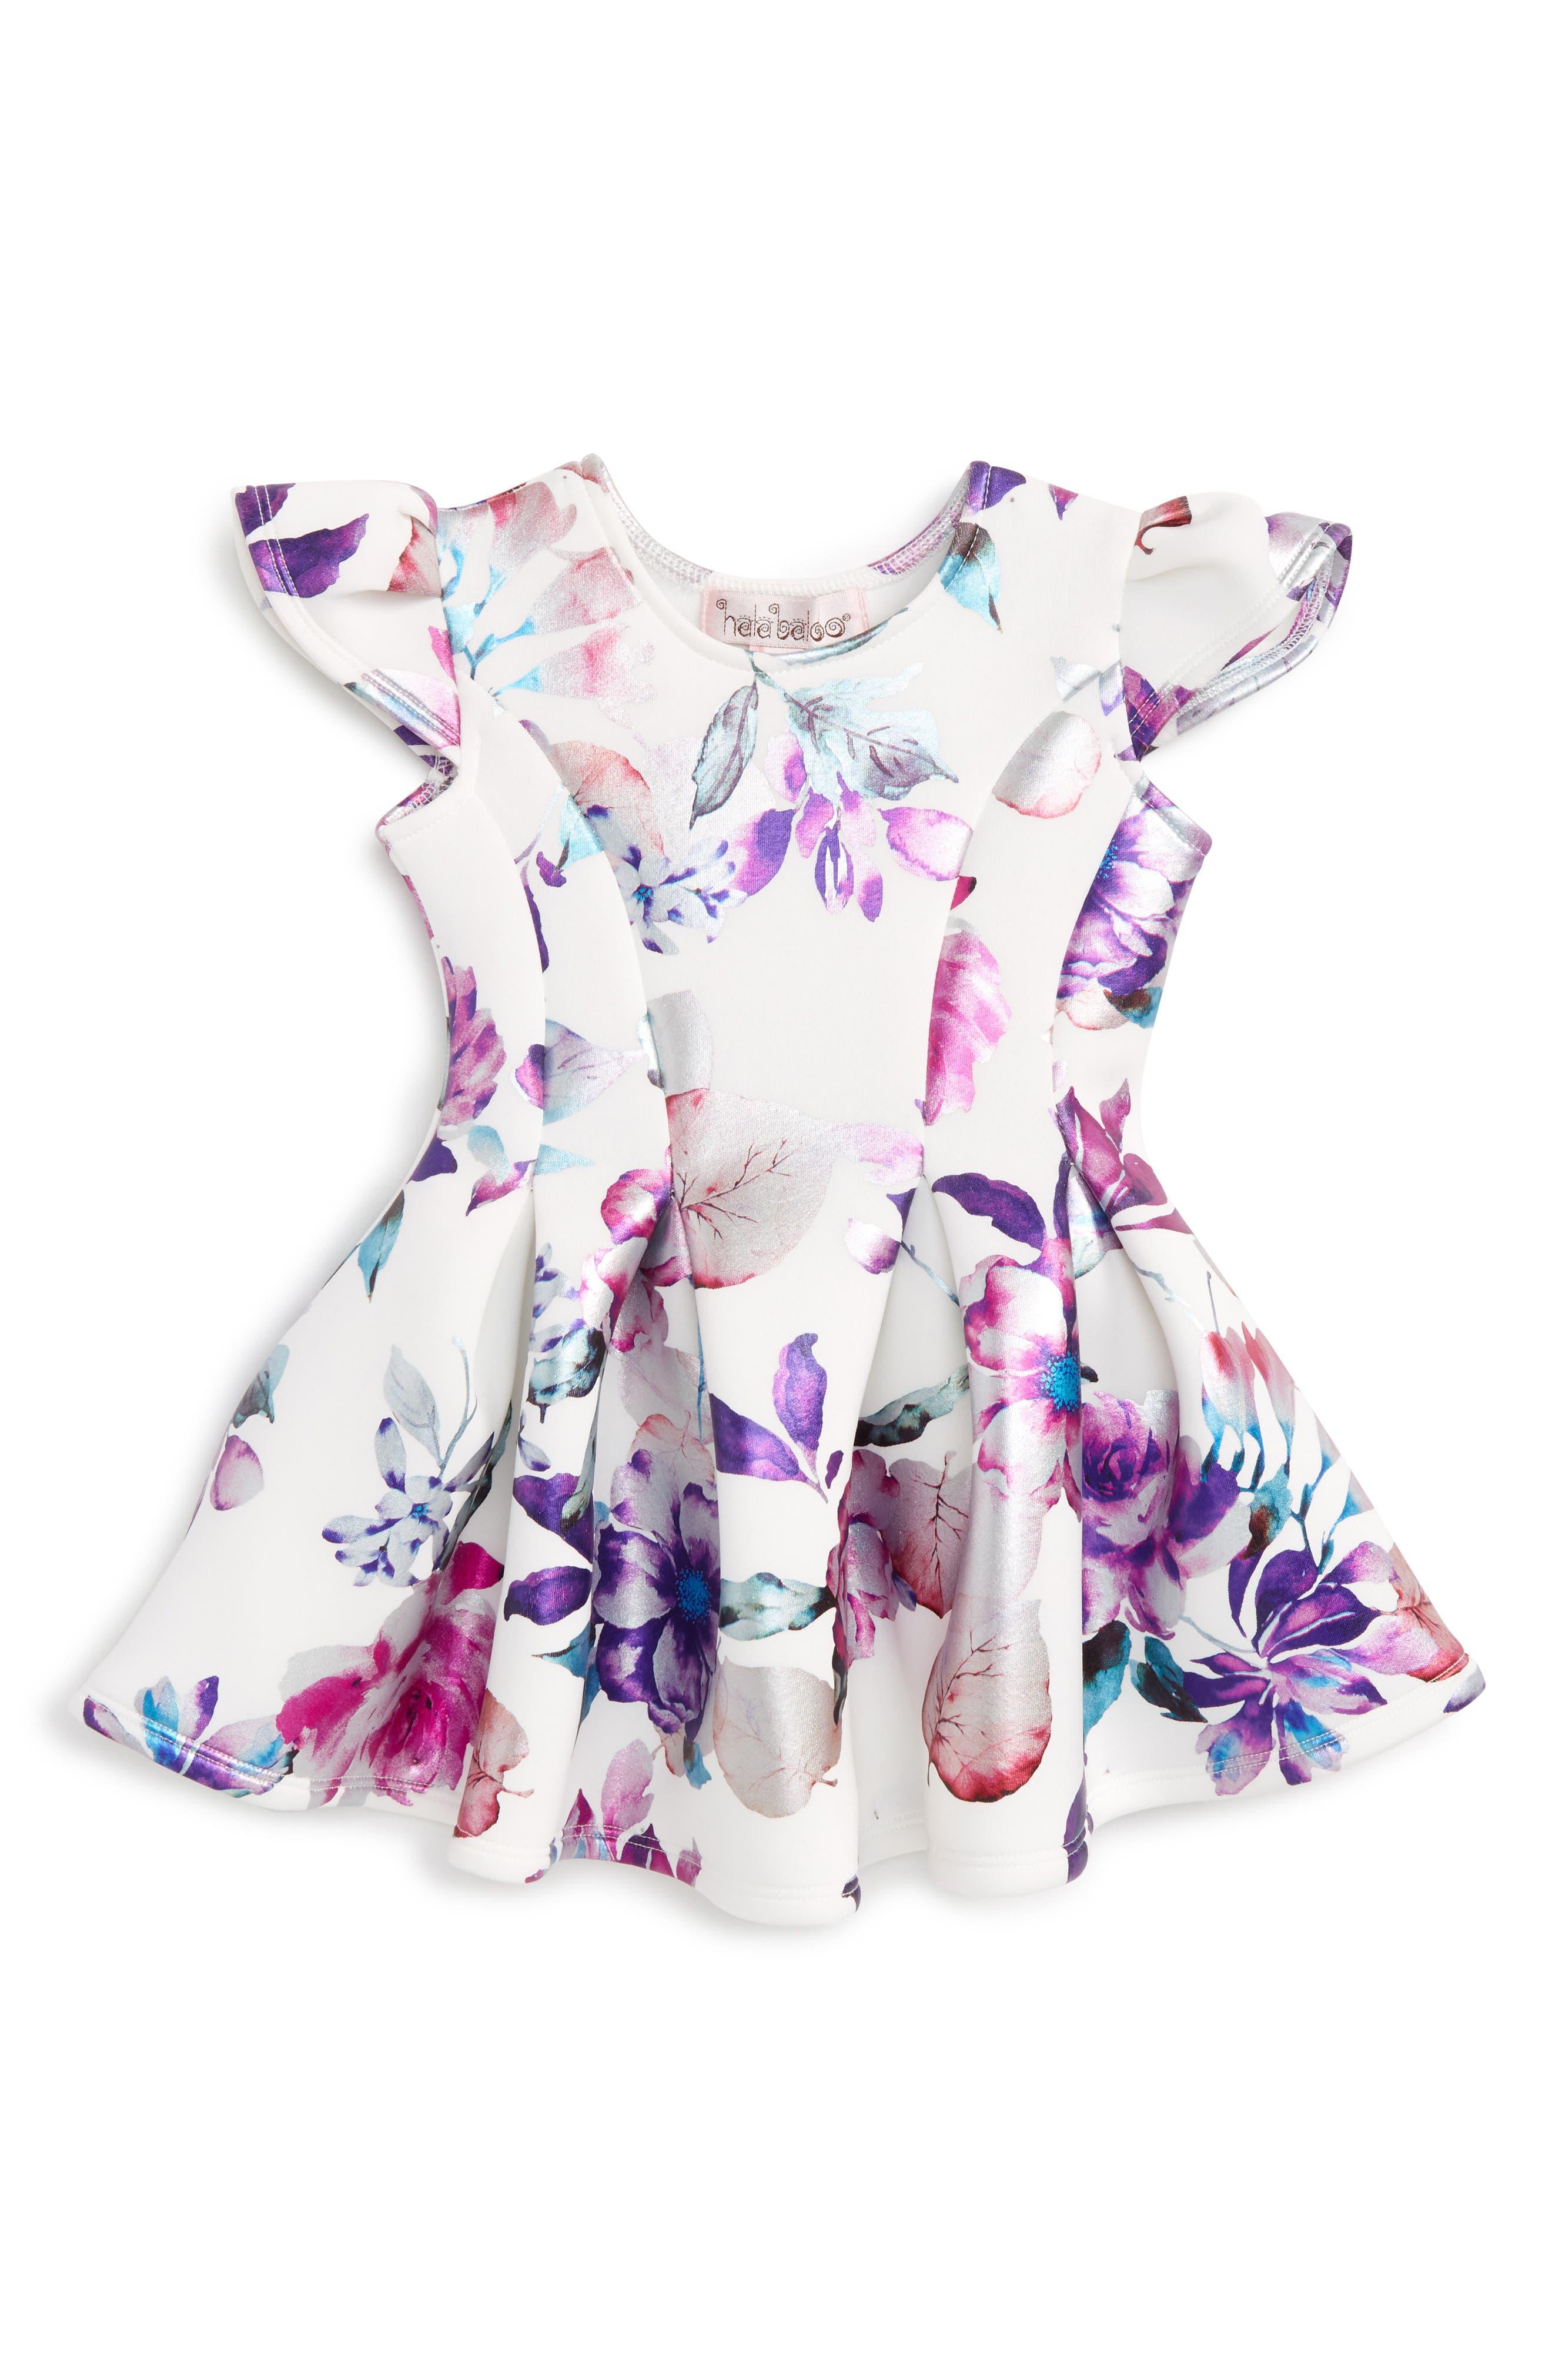 Main Image - Halabaloo Floral Print Scuba Dress (Baby Girls)